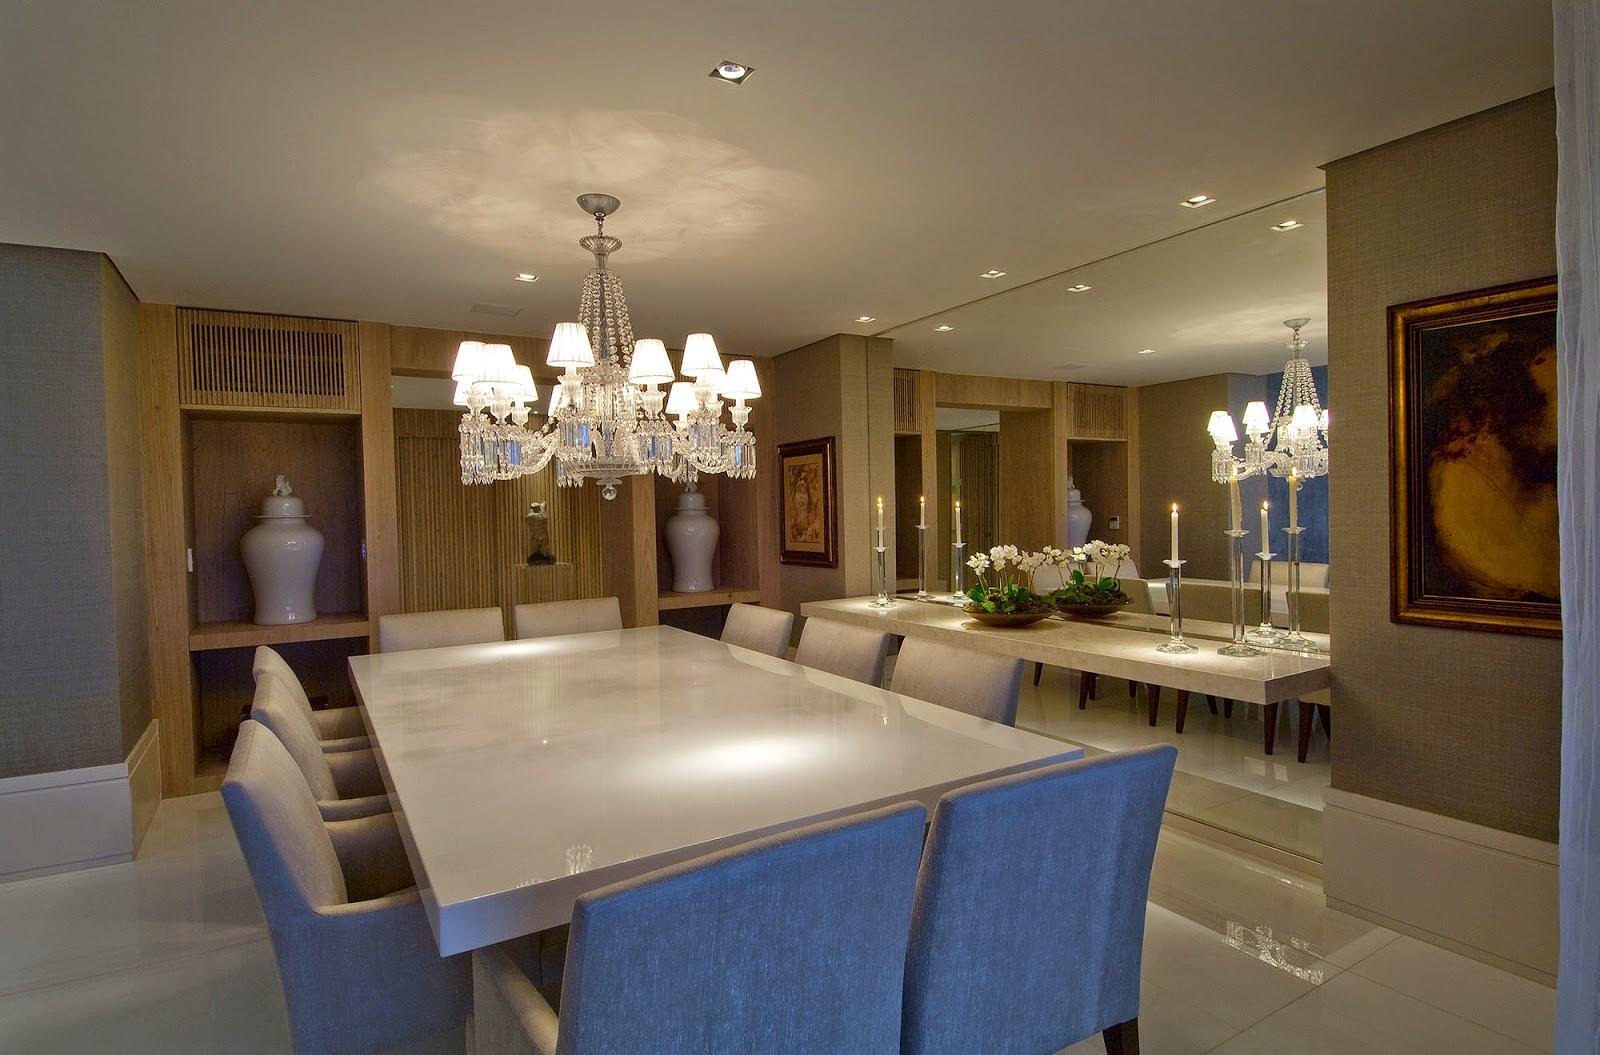 decoracao sala de jantar brancaSalas de jantar brancas e off whites